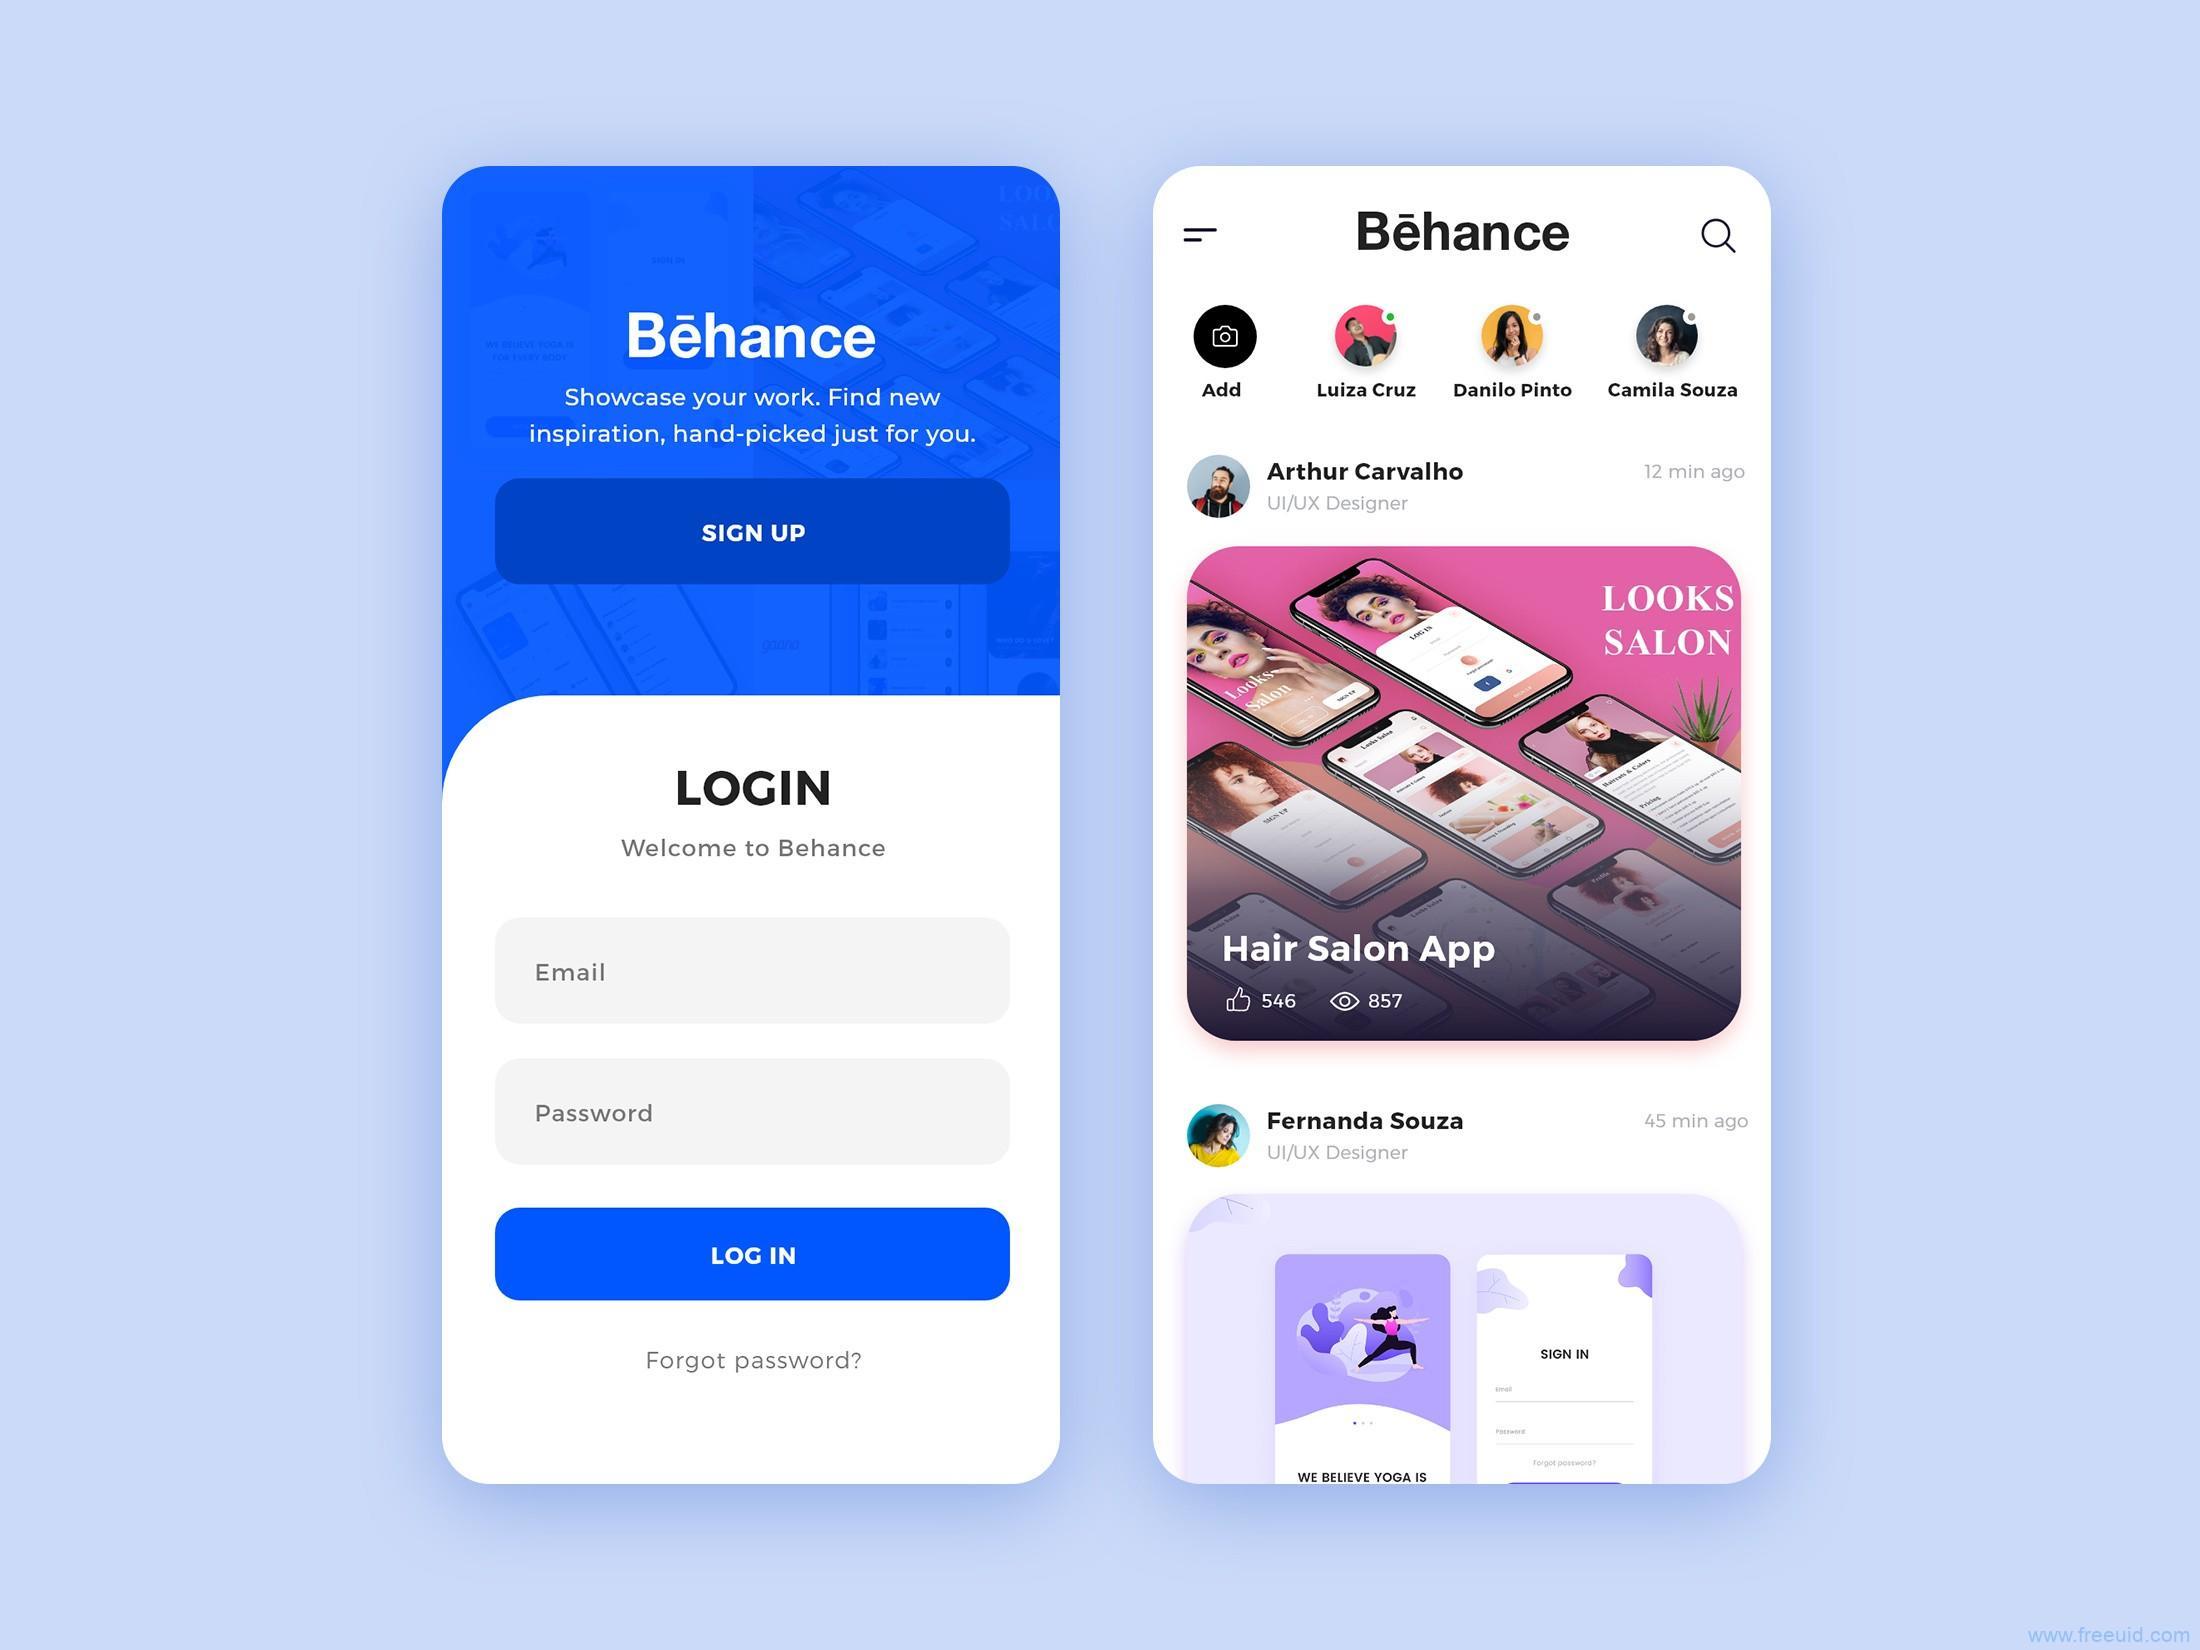 Behance app再设计,UI资源下载,UI素材分享,XD源文件